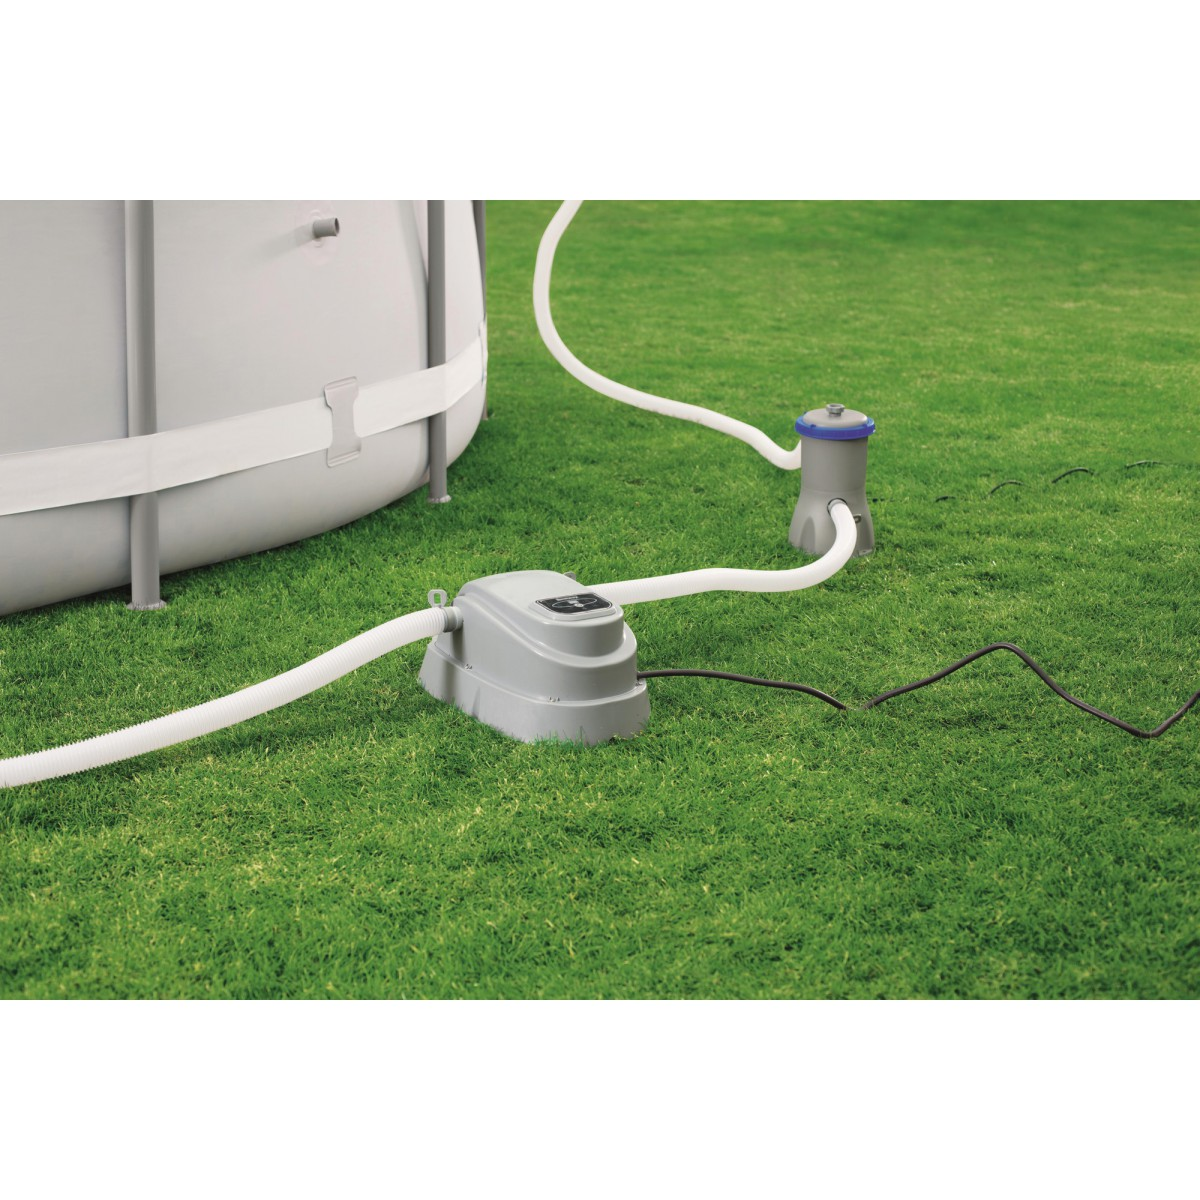 Chauffe piscine Flowclear Bestway - Puissance 2800 W